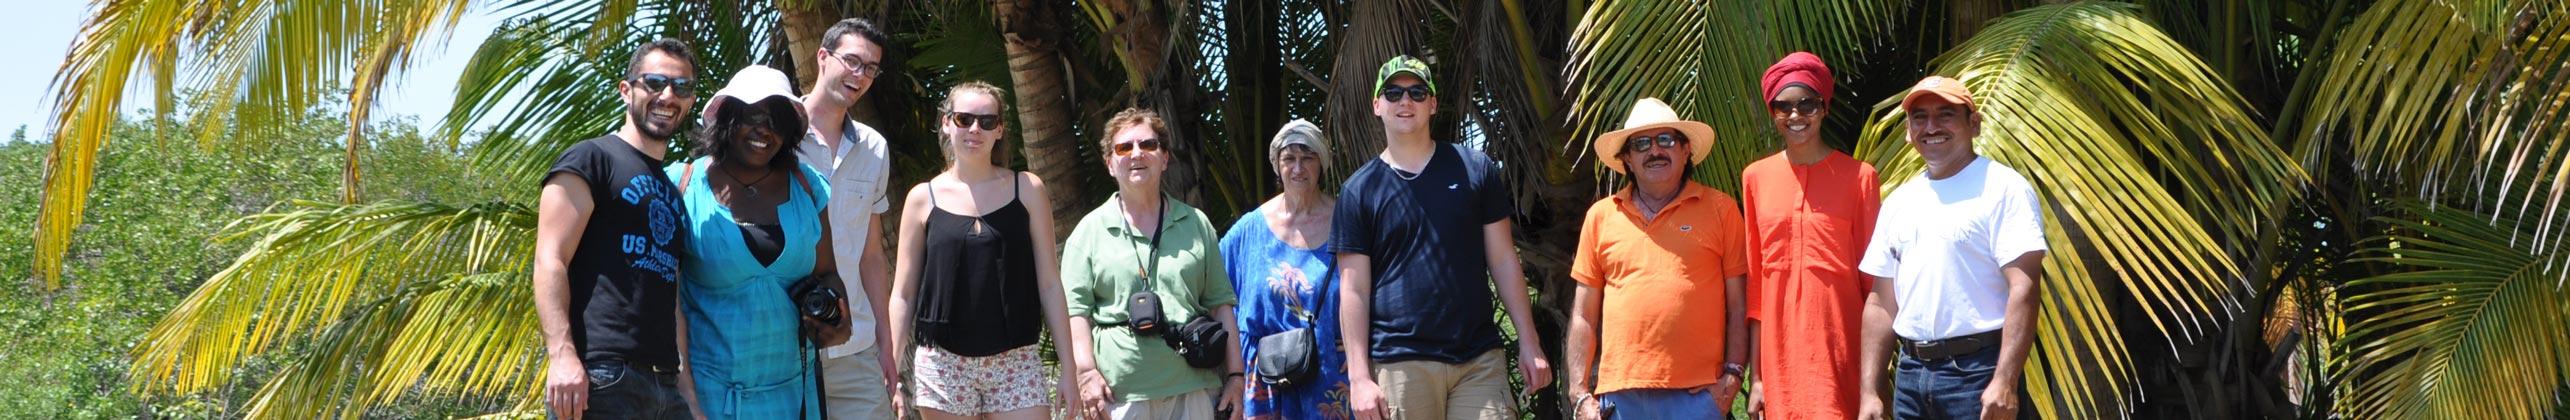 Tourisme équitable et solidaire avec TDS VOYAGE - Nos voyageurs en parlent mieux que nous